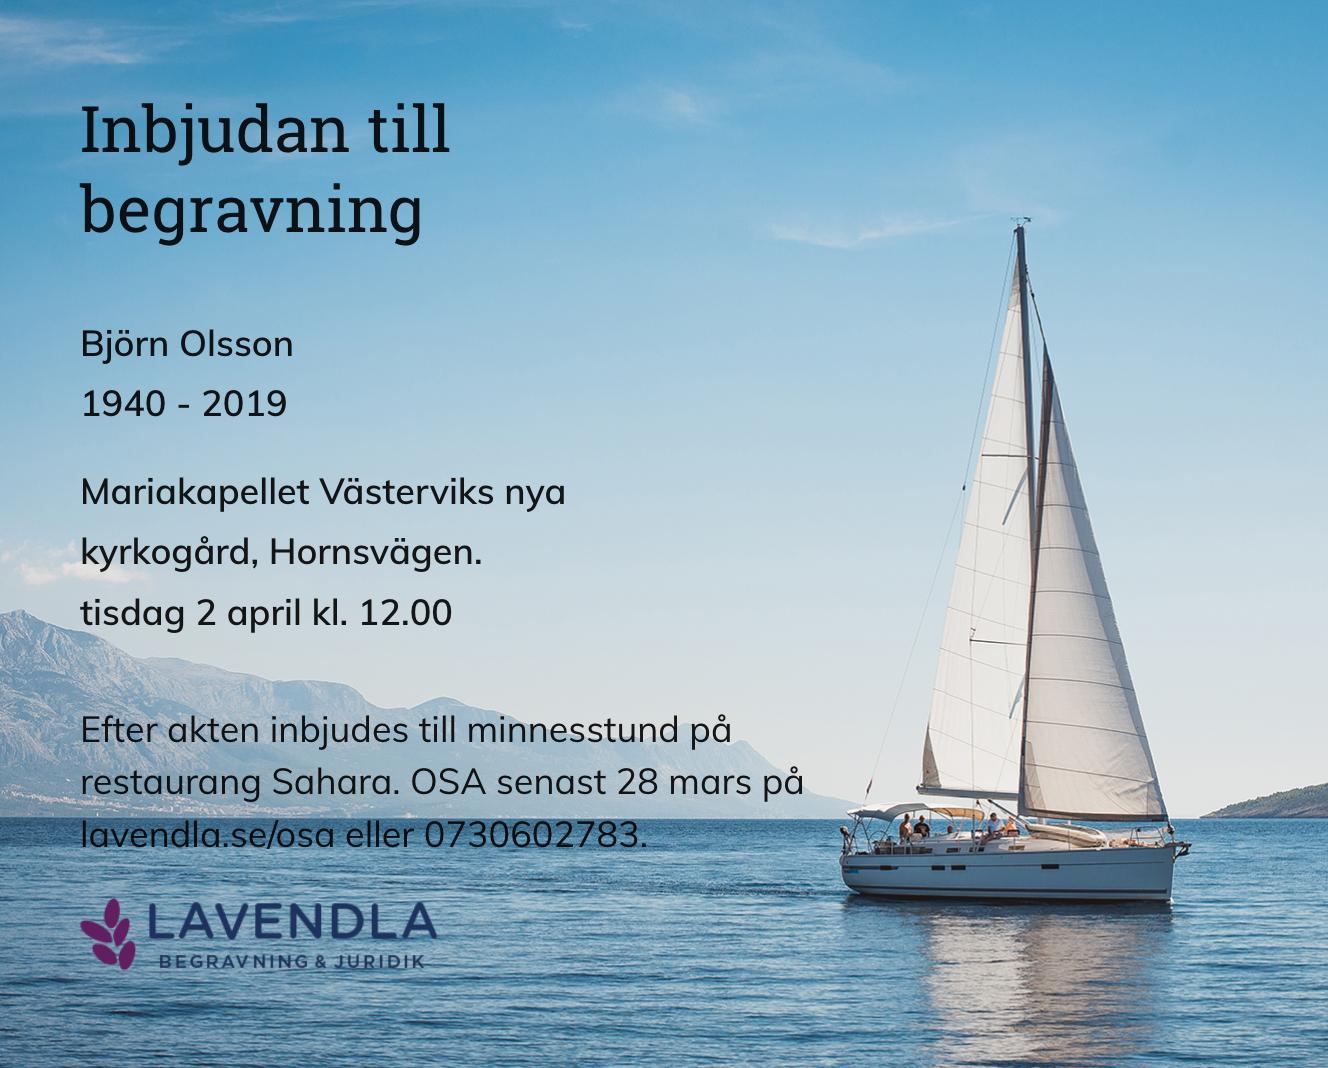 Inbjudningskort till ceremonin för Björn Olsson